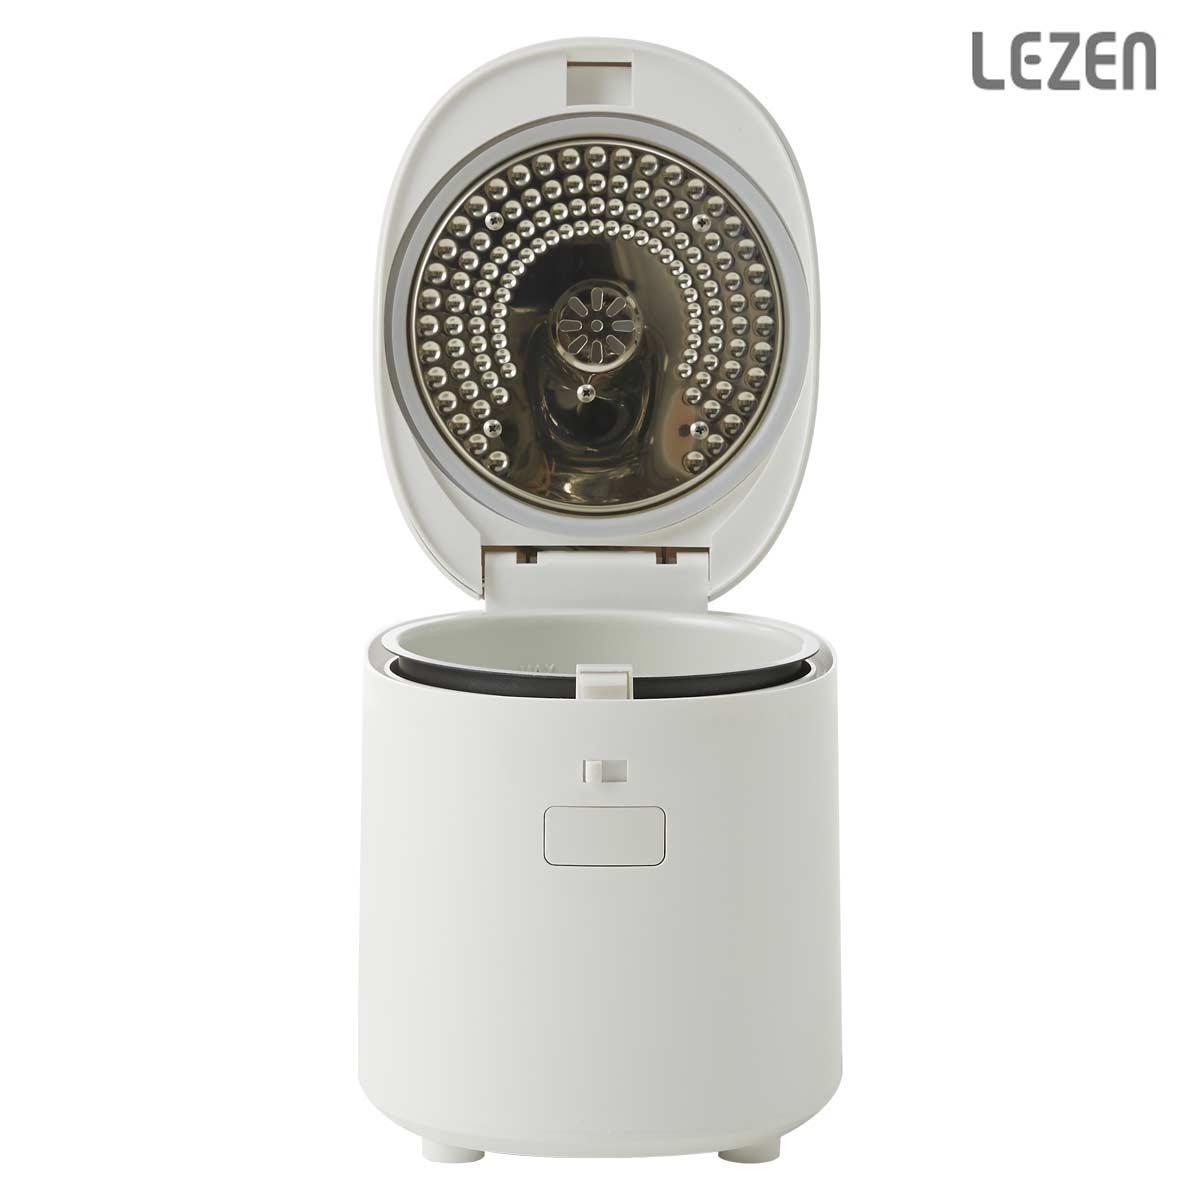 르젠 LZHD-800N 대용량가습기 밥통가습기 아기가습기 3L 통세척 가열식가습기